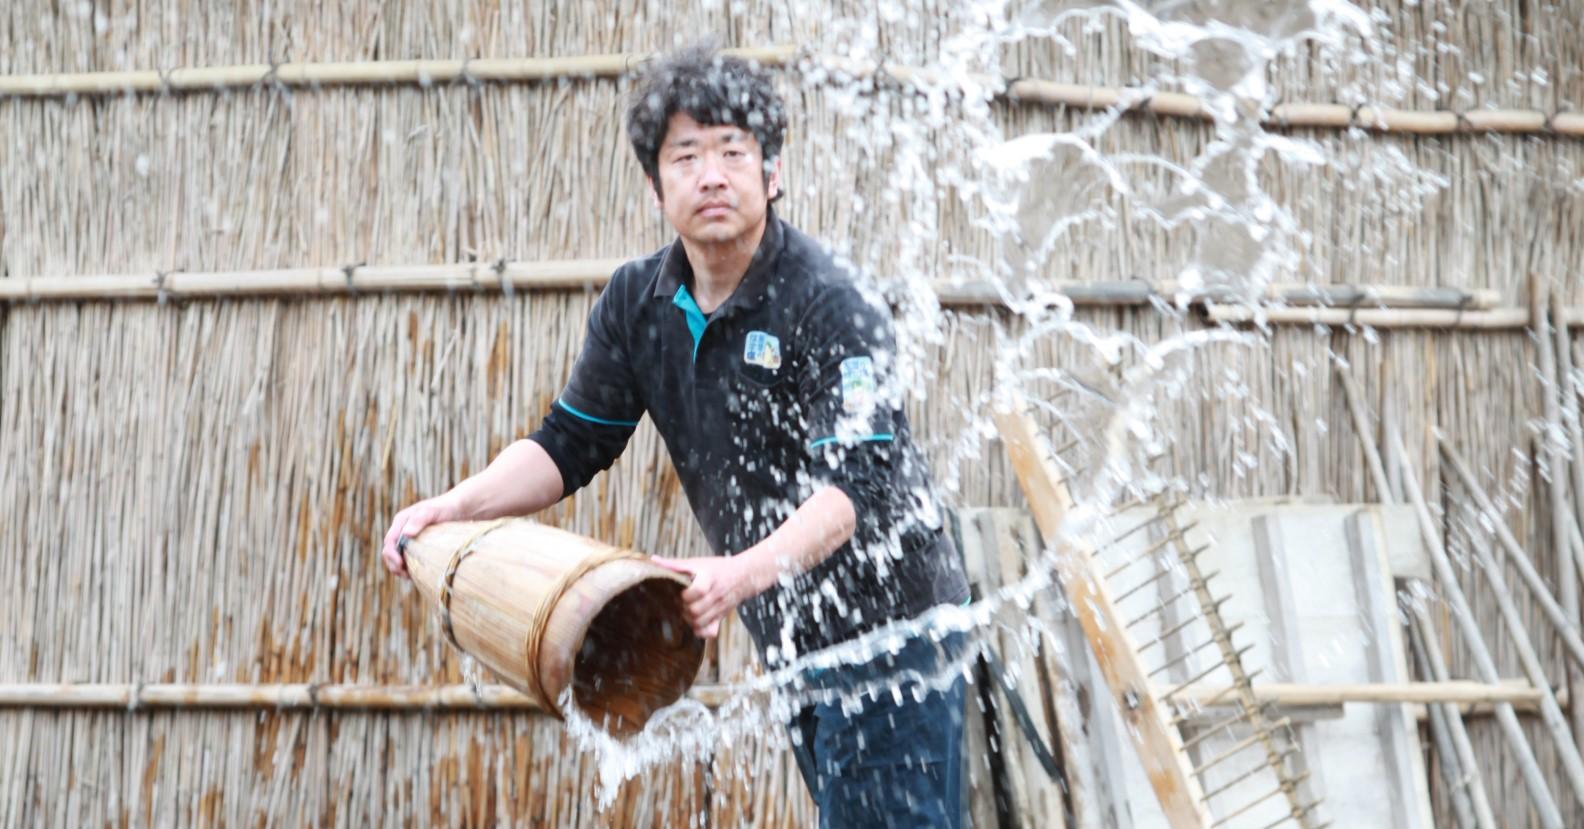 伝統的な方法でつくられる揚げ浜塩。